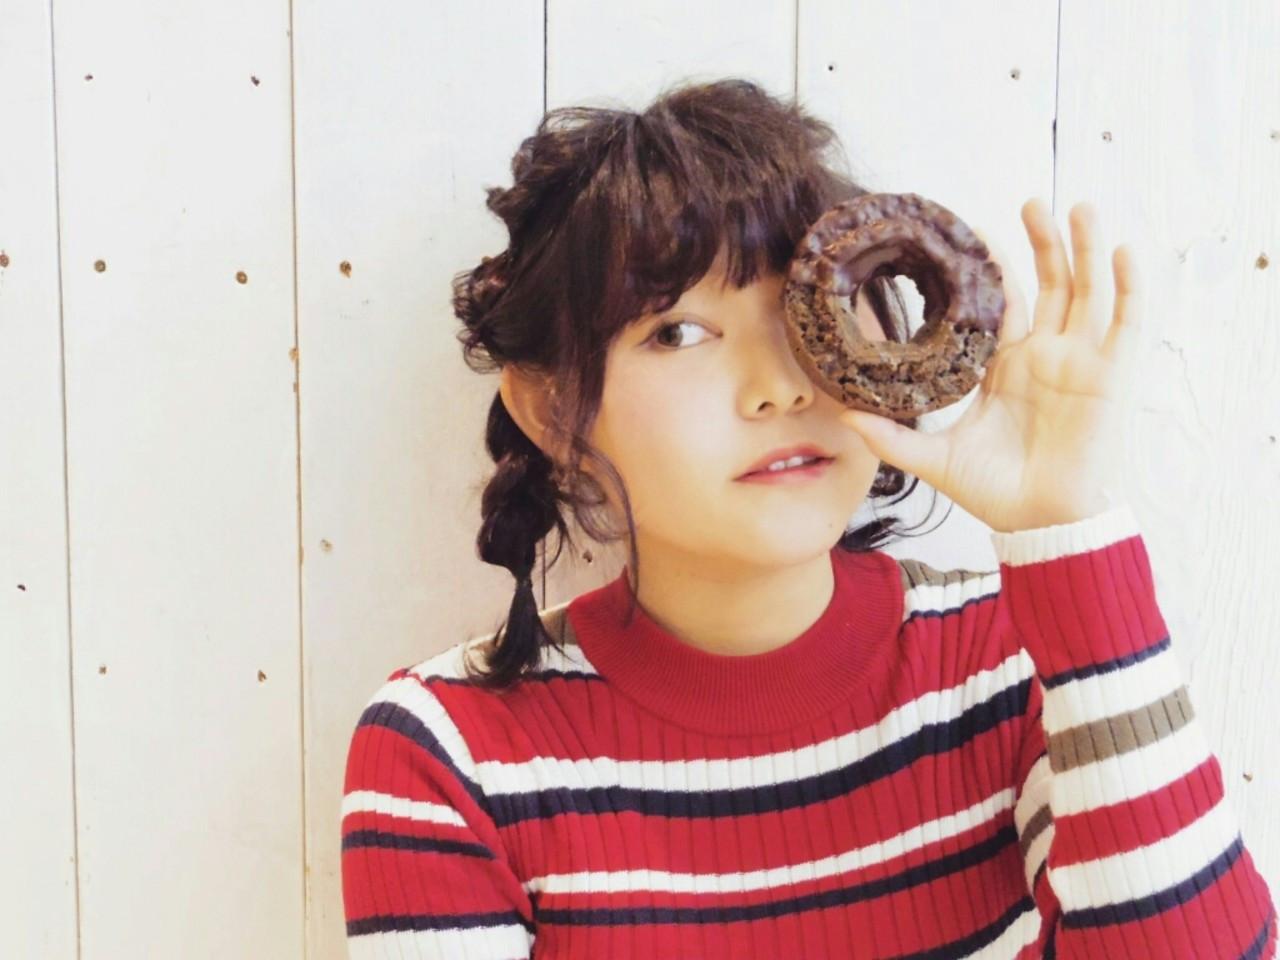 ハネても可愛い◎くるりんぱと三つ編みでキュートに♡ KUMA